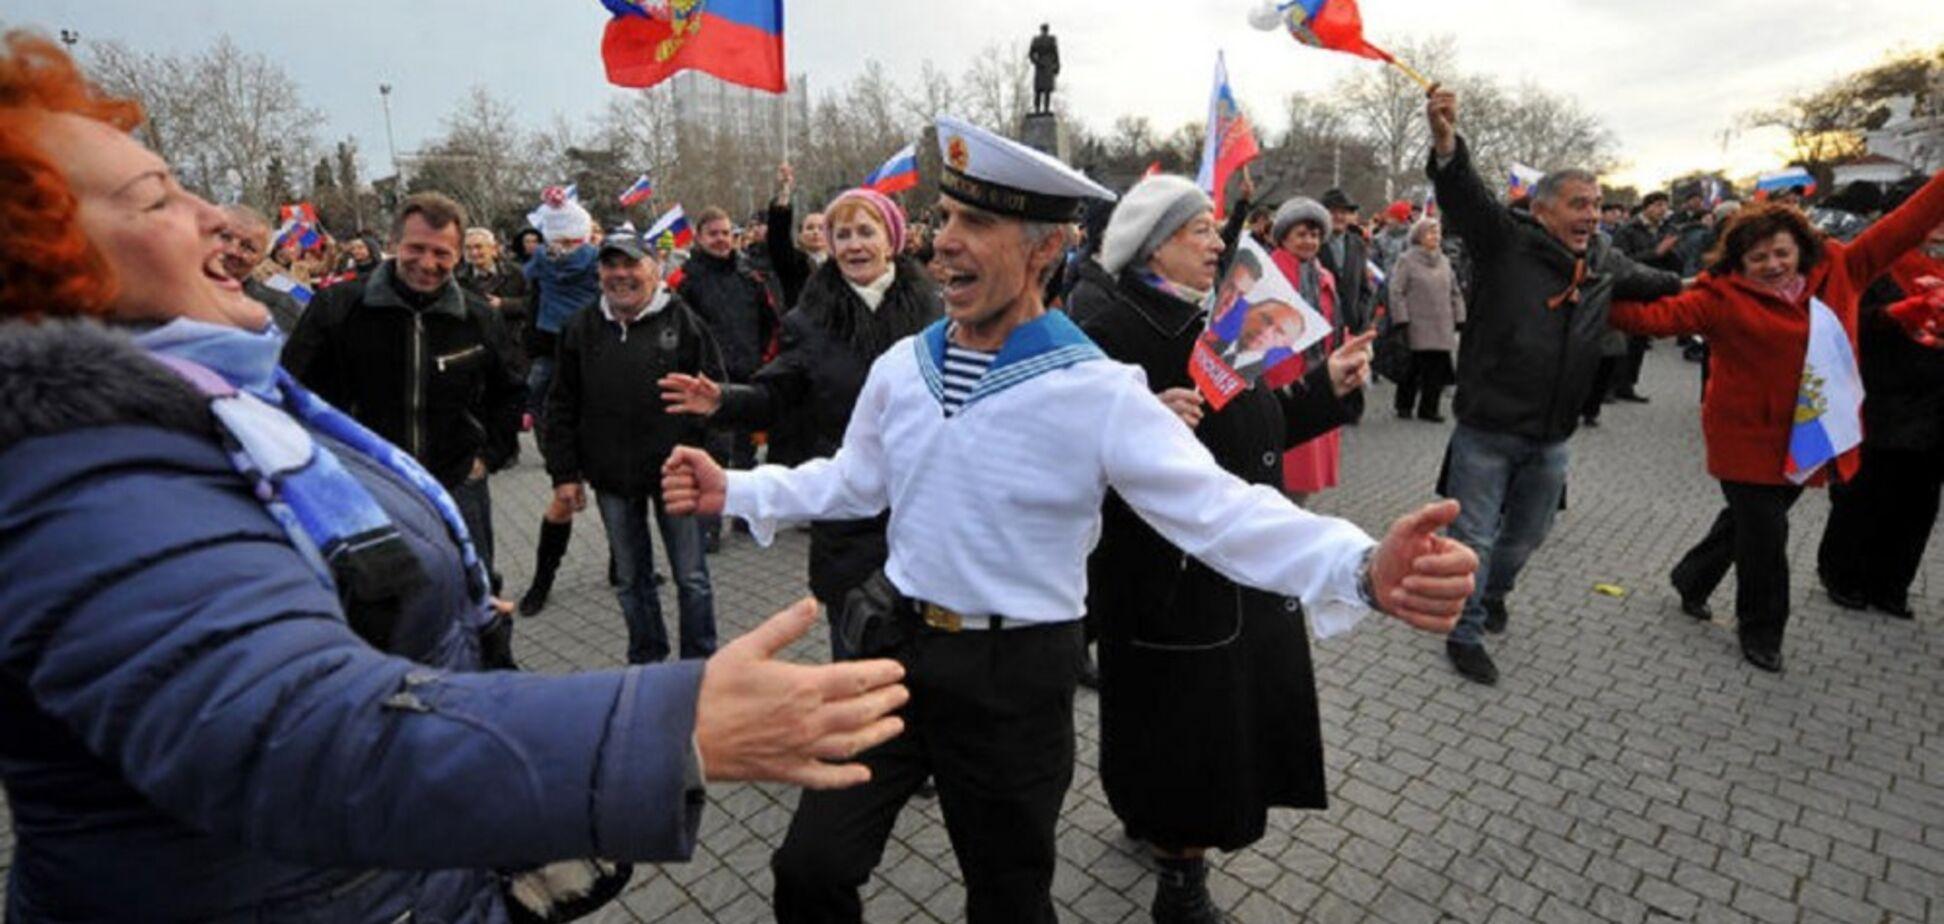 Флаг над туалетом: 'русский мир' высмеяли яркой карикатурой